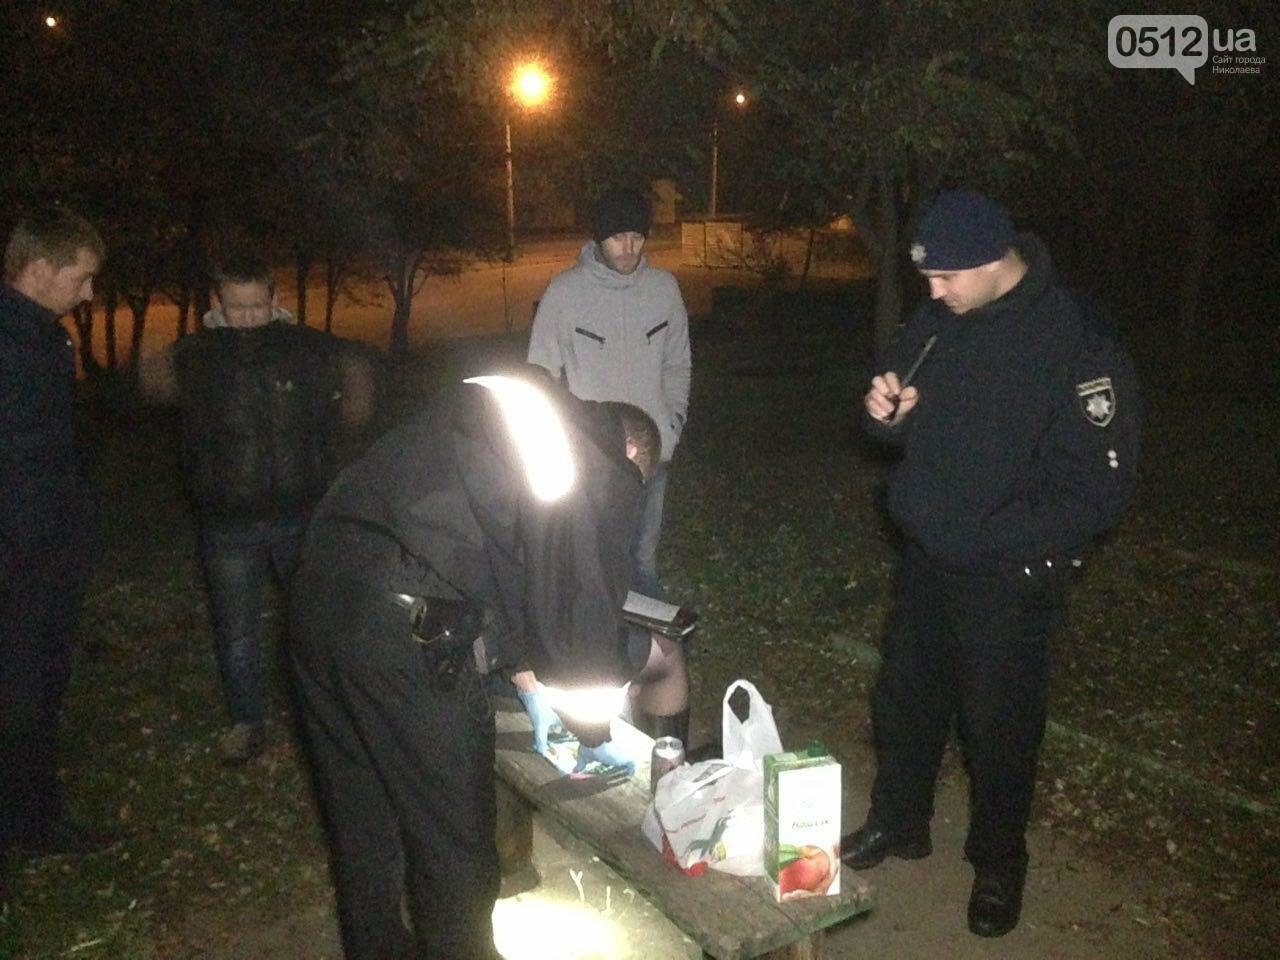 В Николаеве патрульные задержали компанию парней, куривших коноплю в парке возле яхт-клуба, - ФОТО, фото-4